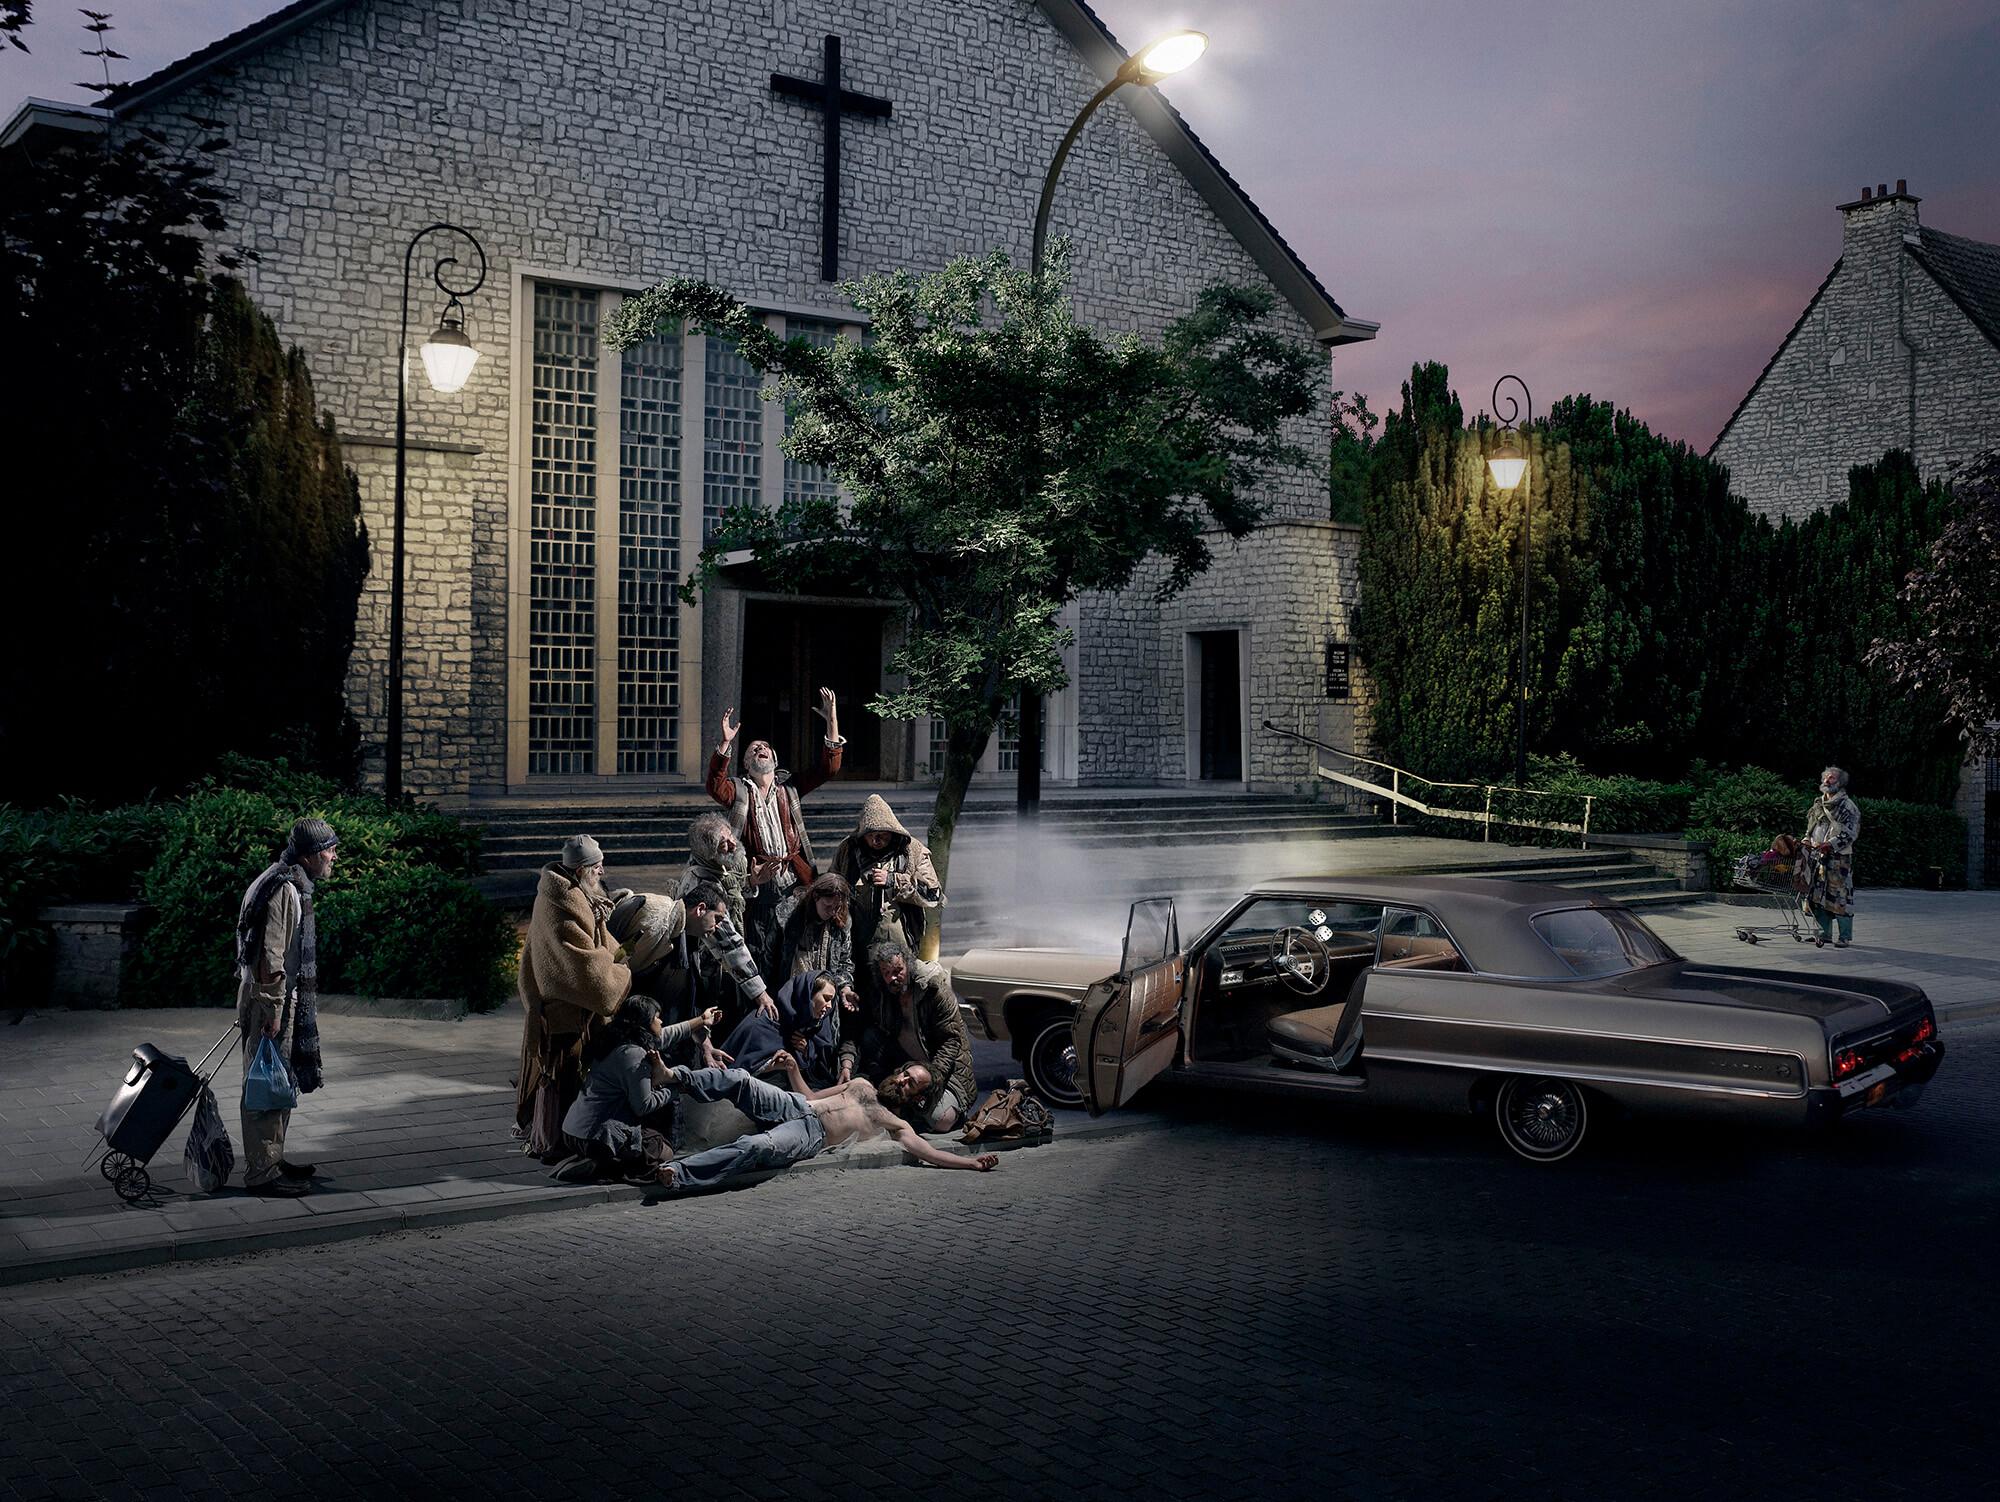 Crucifixion by Geert de Taeye